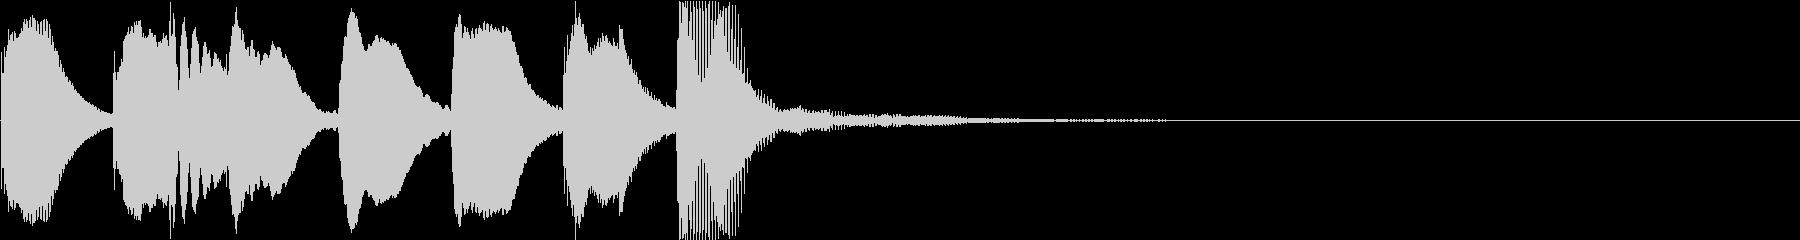 かわいらしいサウンドのジングルの未再生の波形